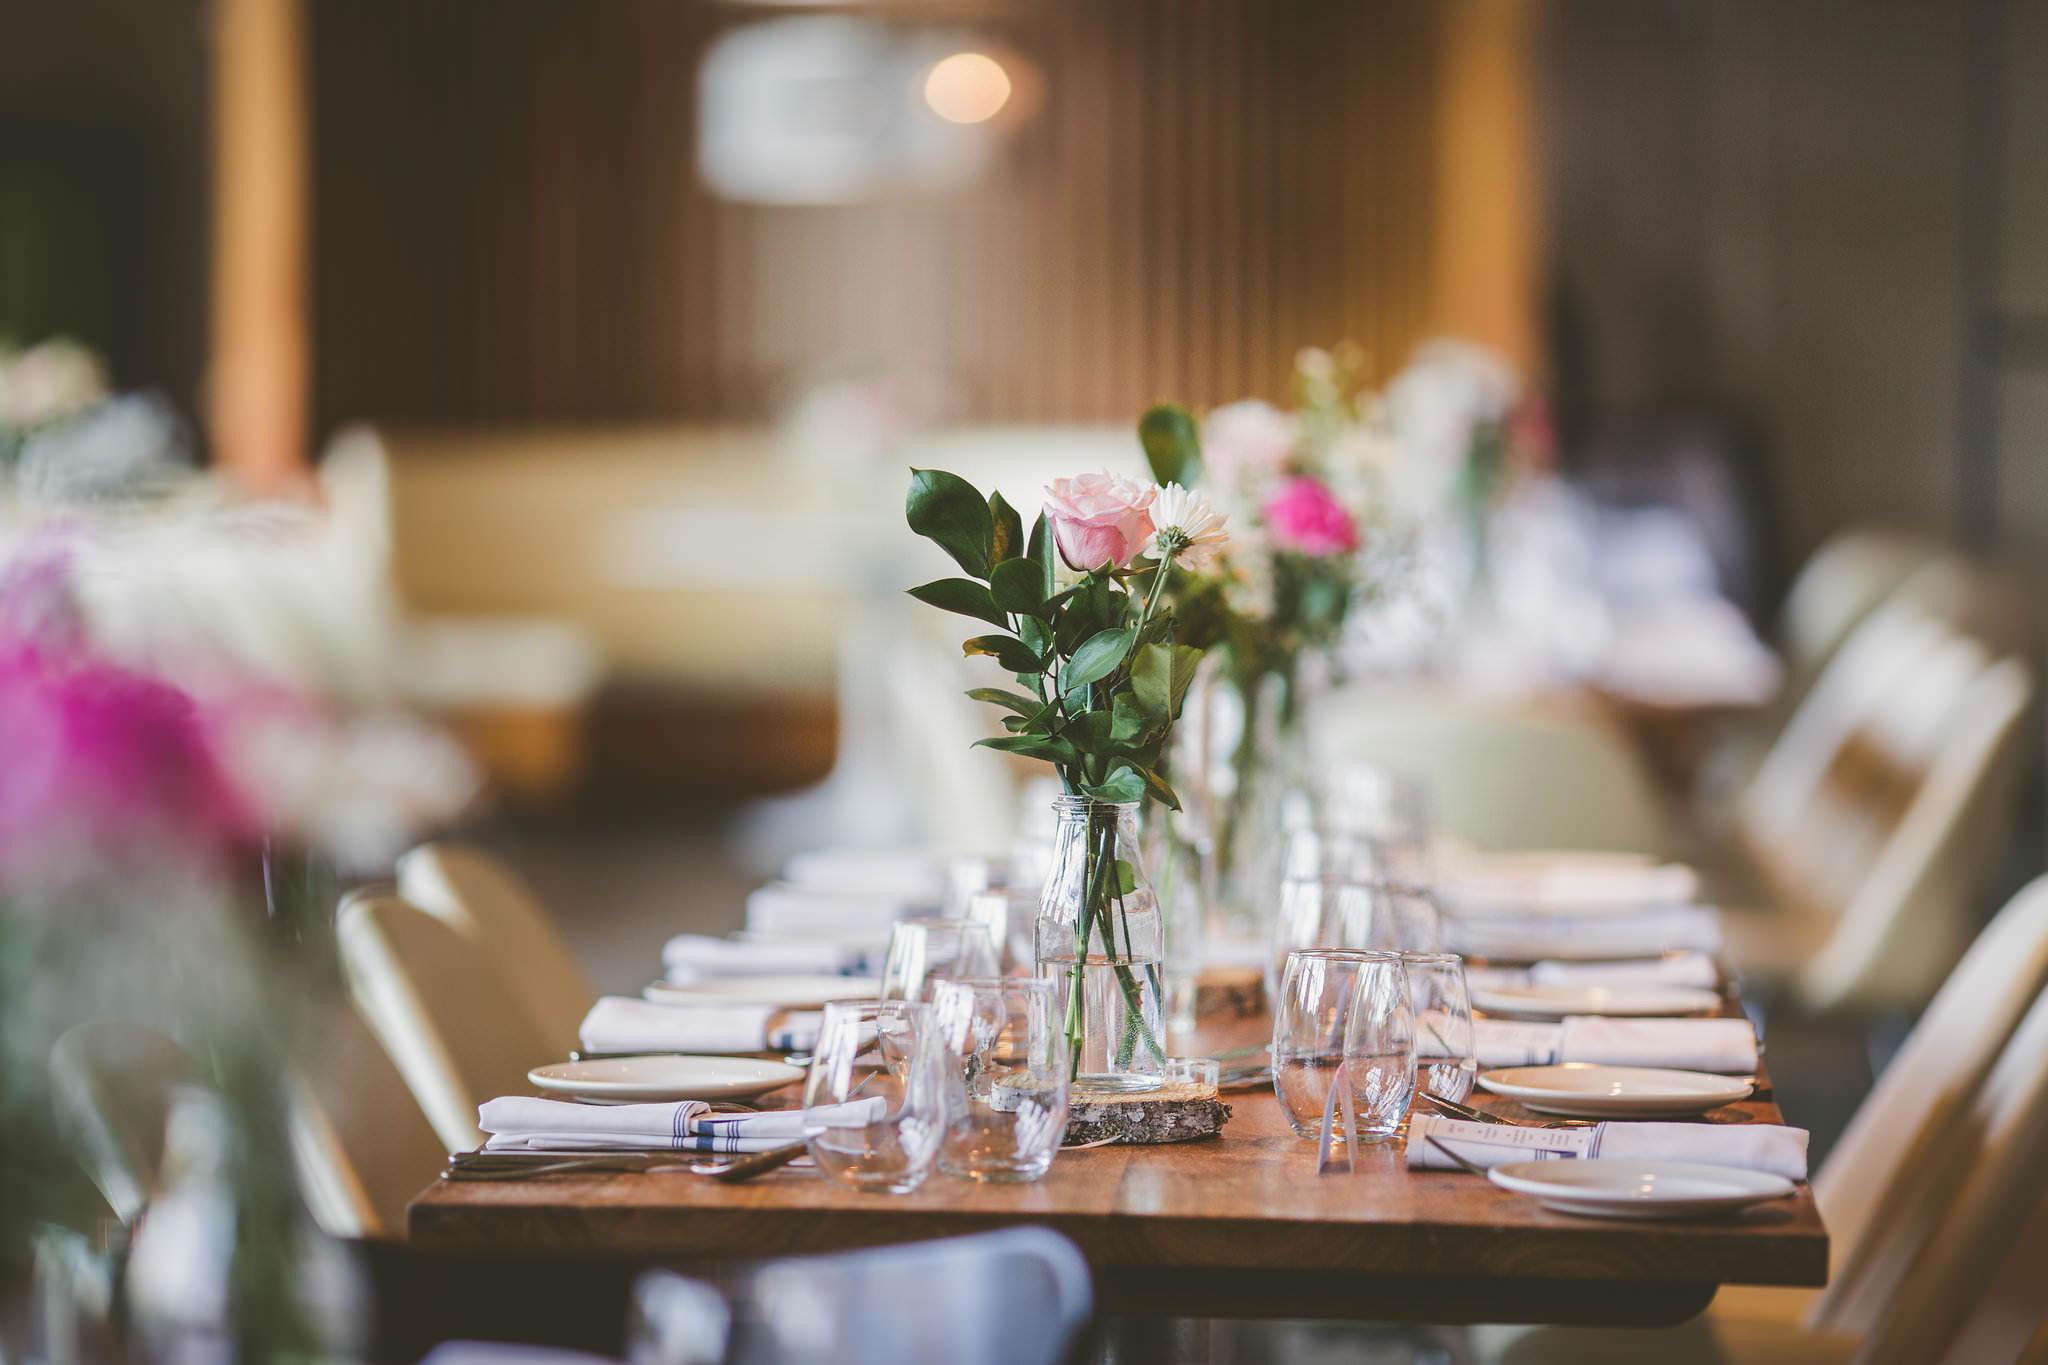 jacqueline drew mildreds temple kitchen 510 - Mildred's Temple Kitchen Wedding